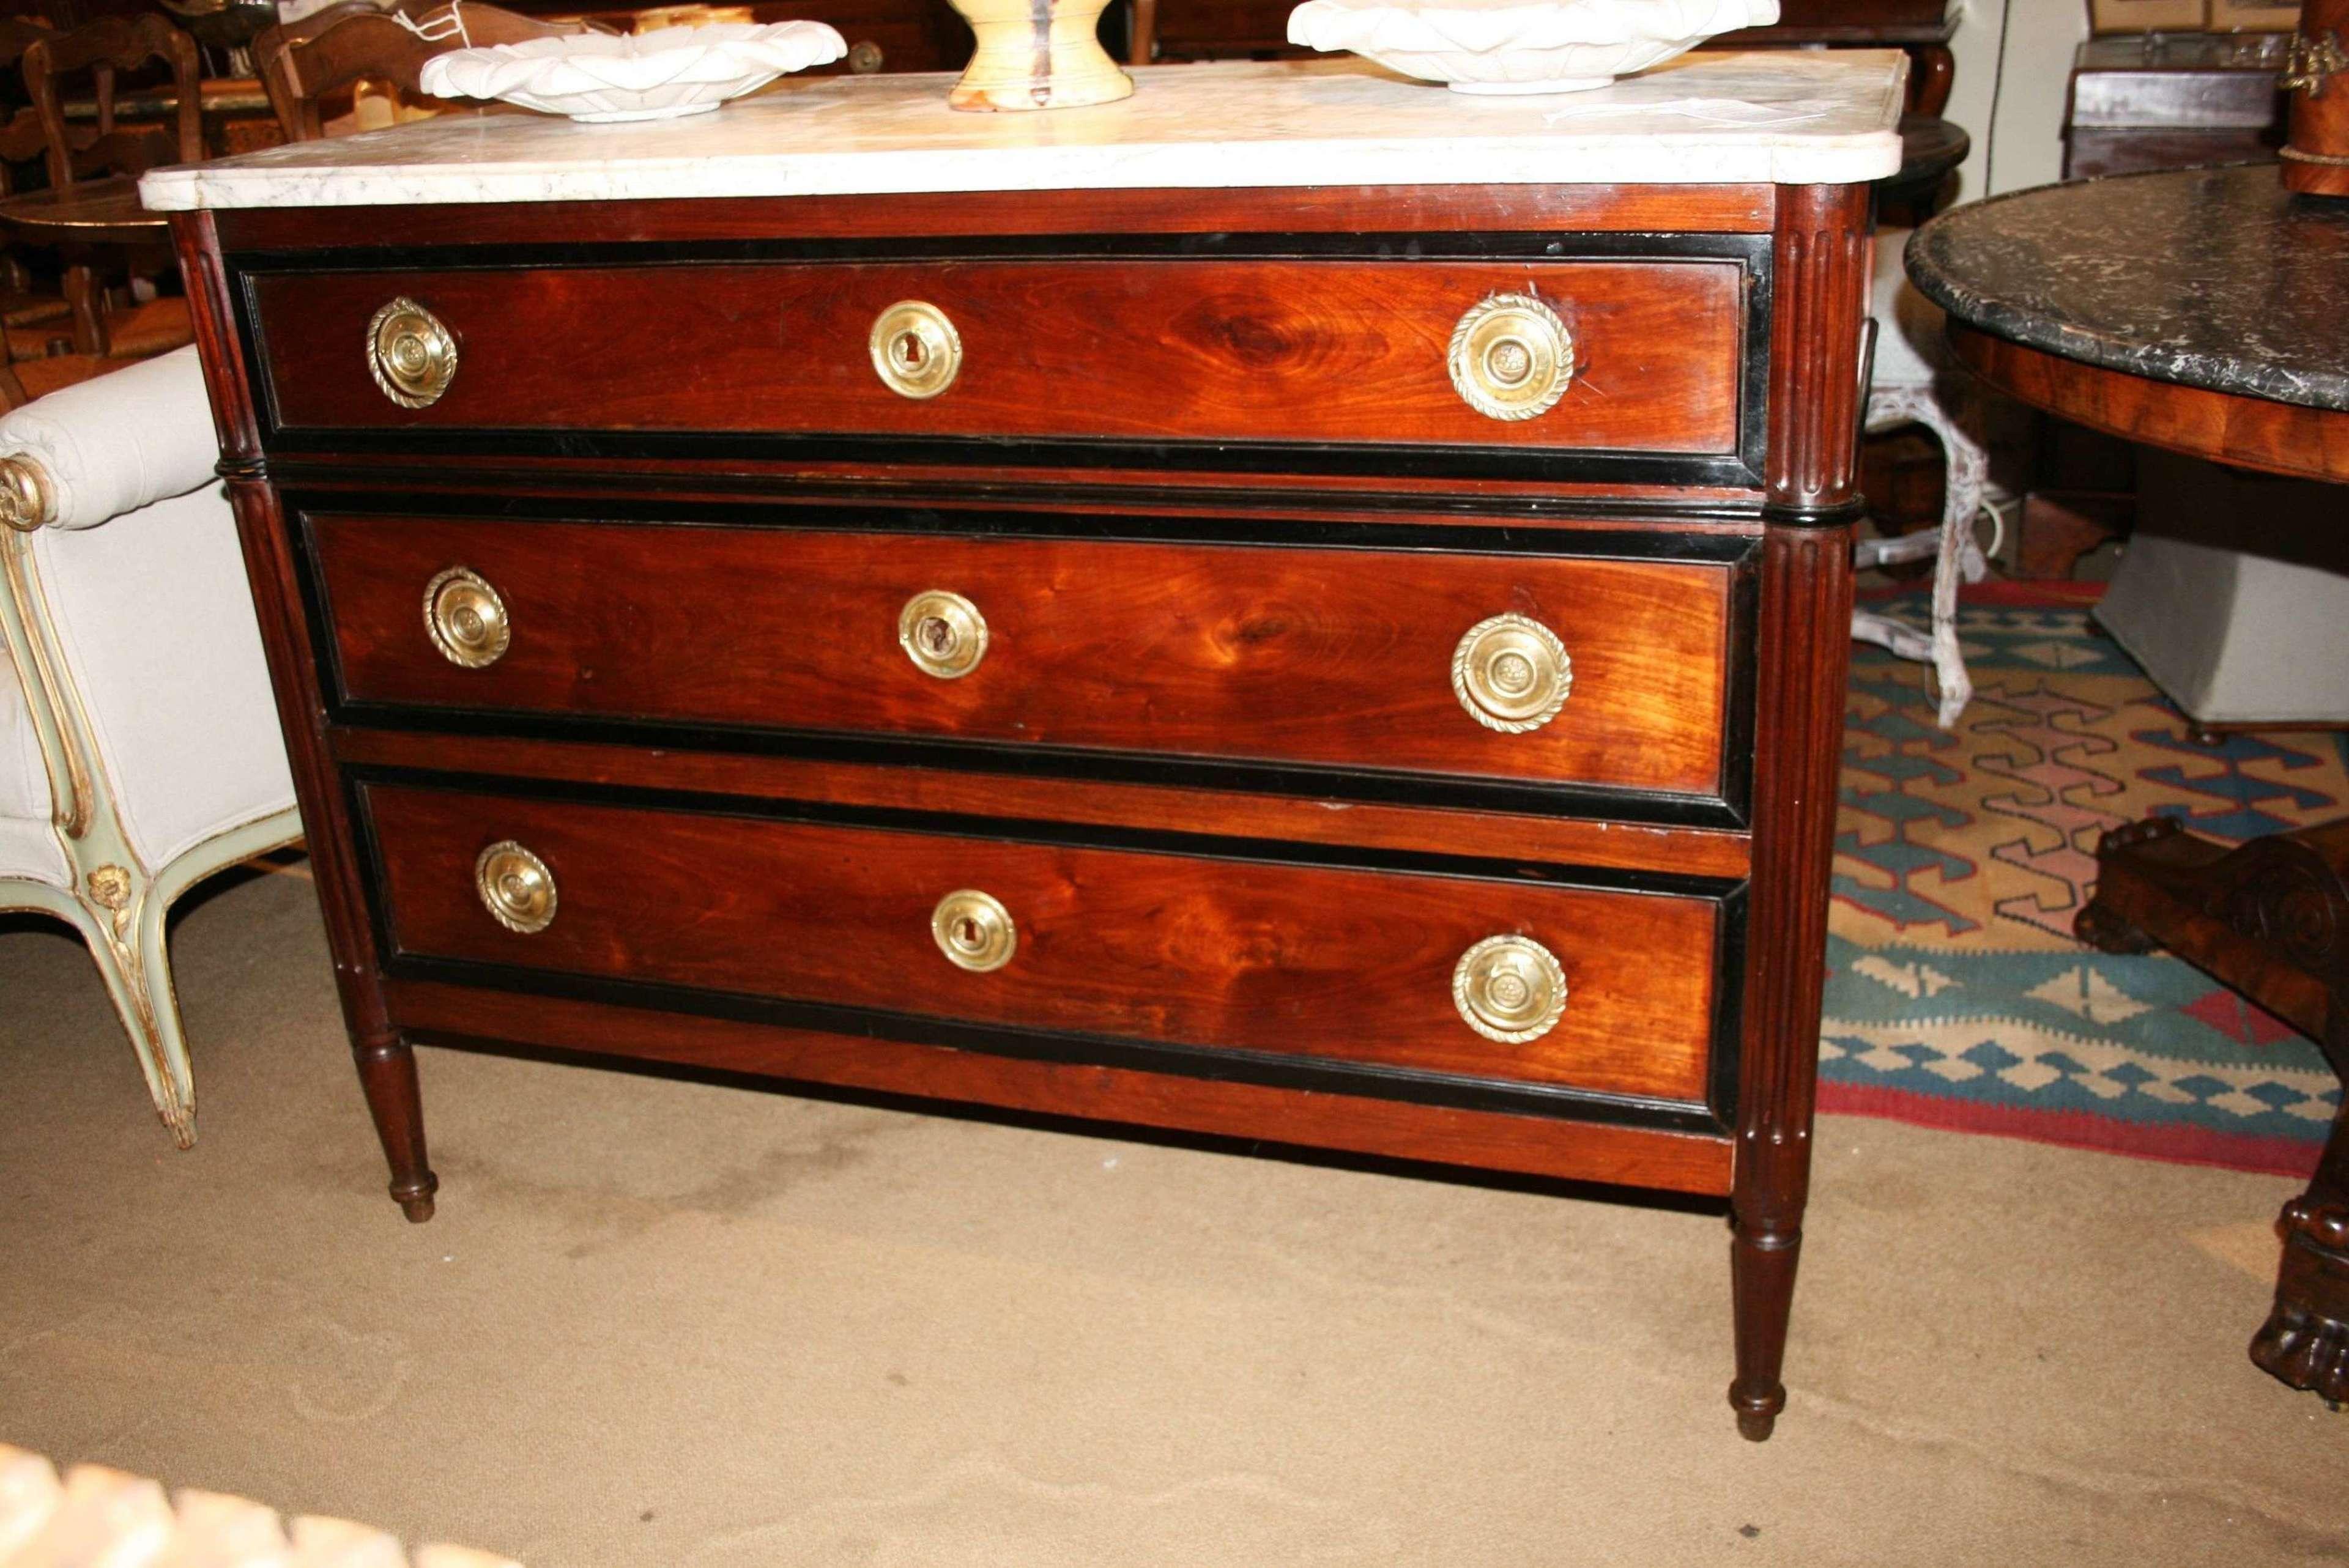 18th century mahogany commode